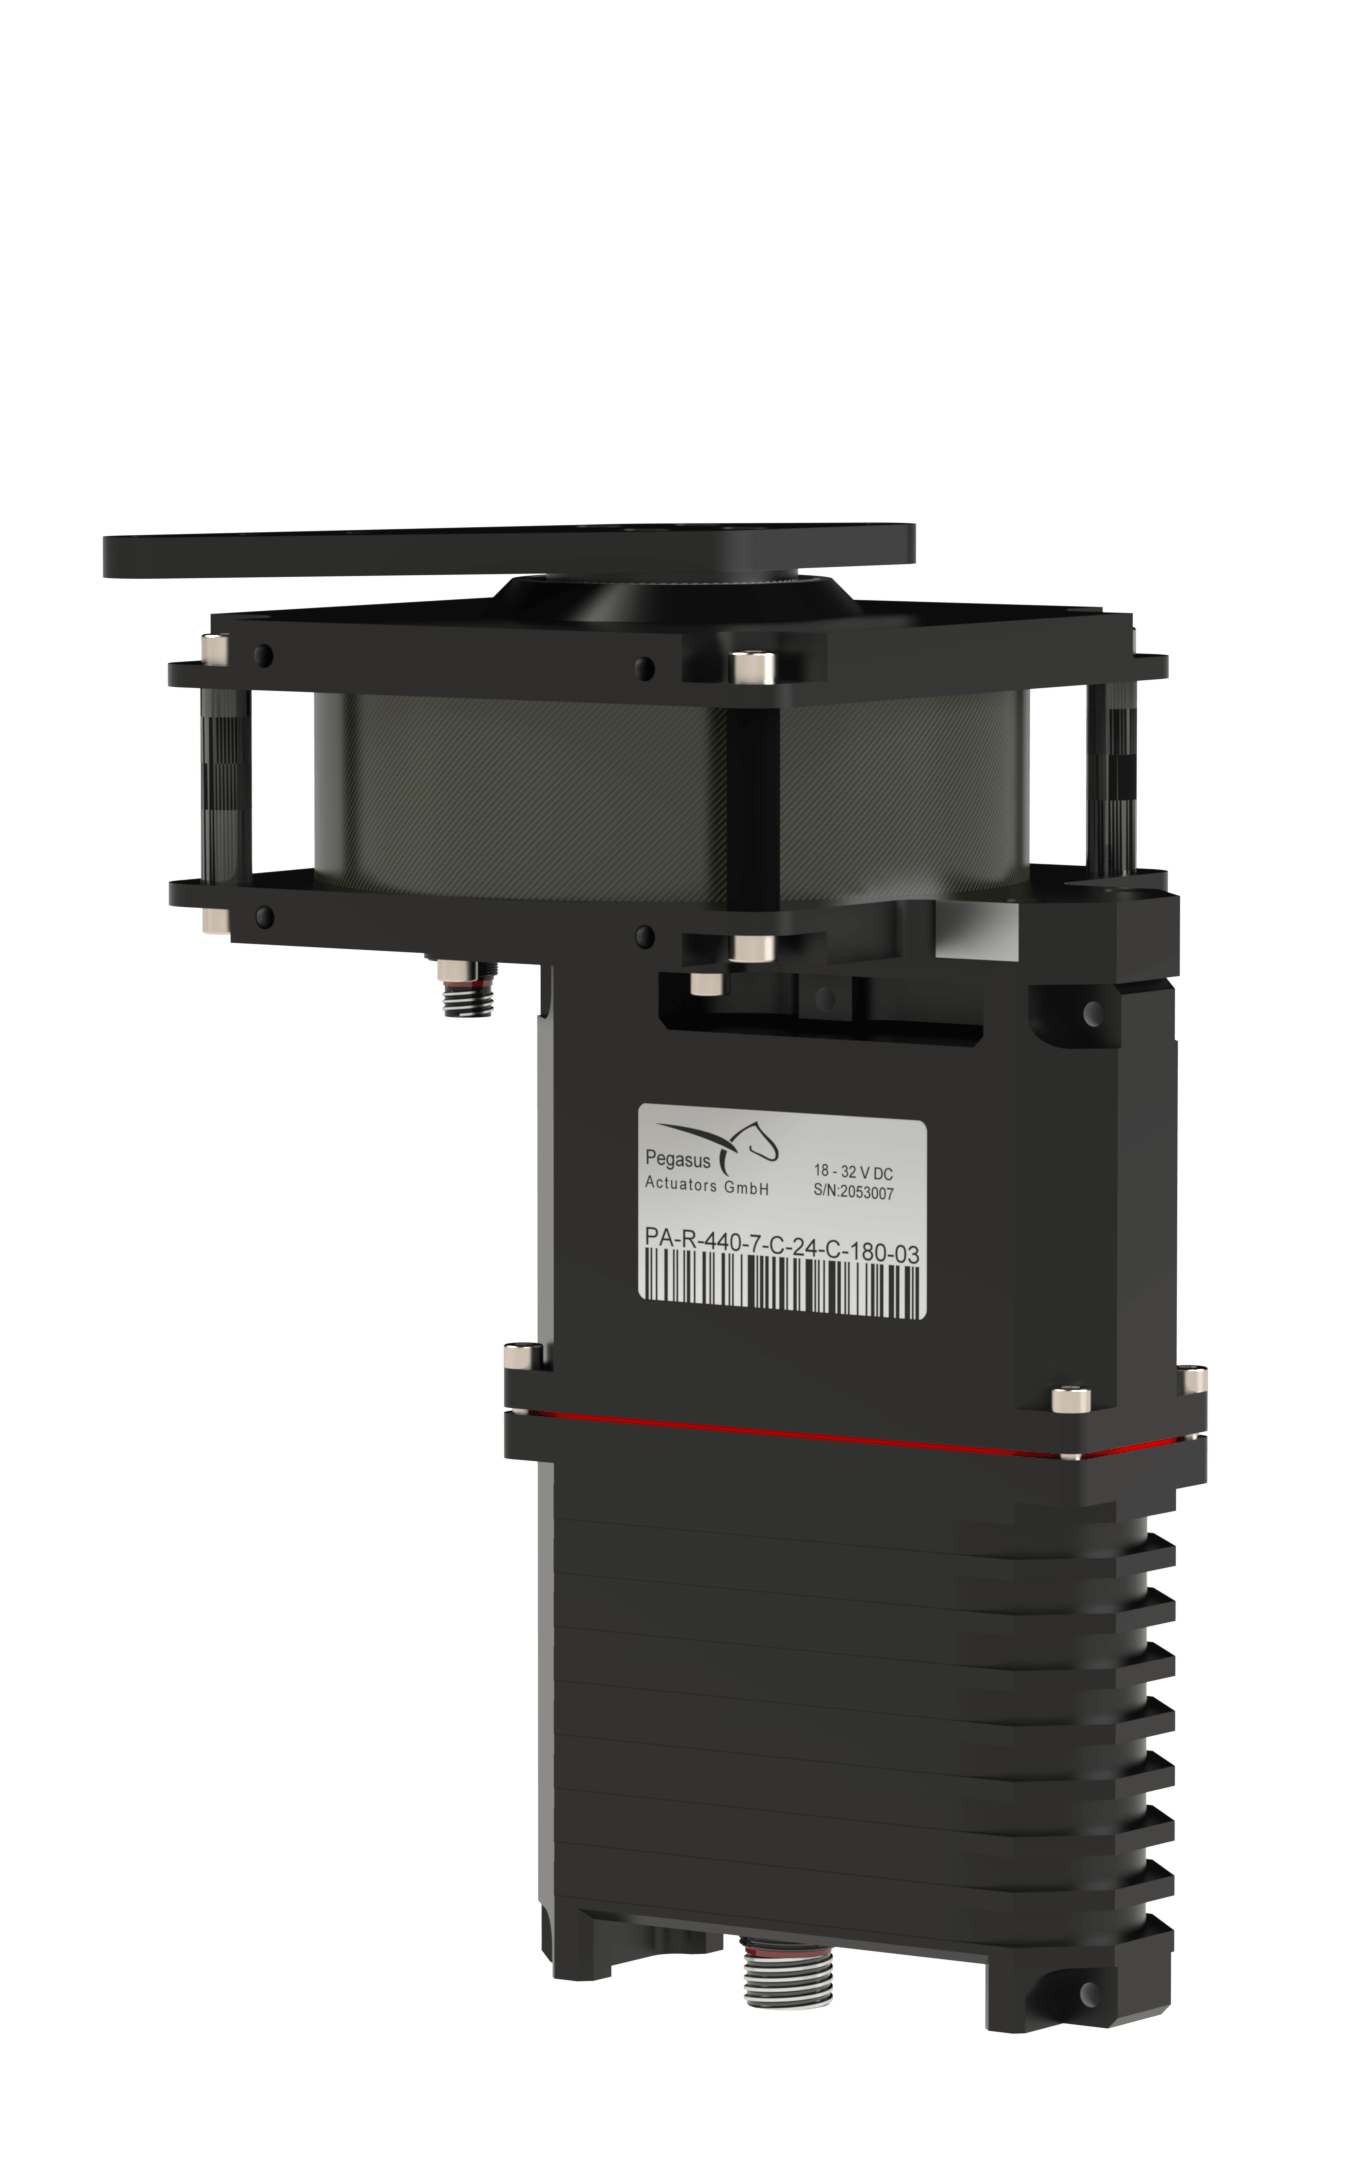 PA-R-440-7-OPV Actuators